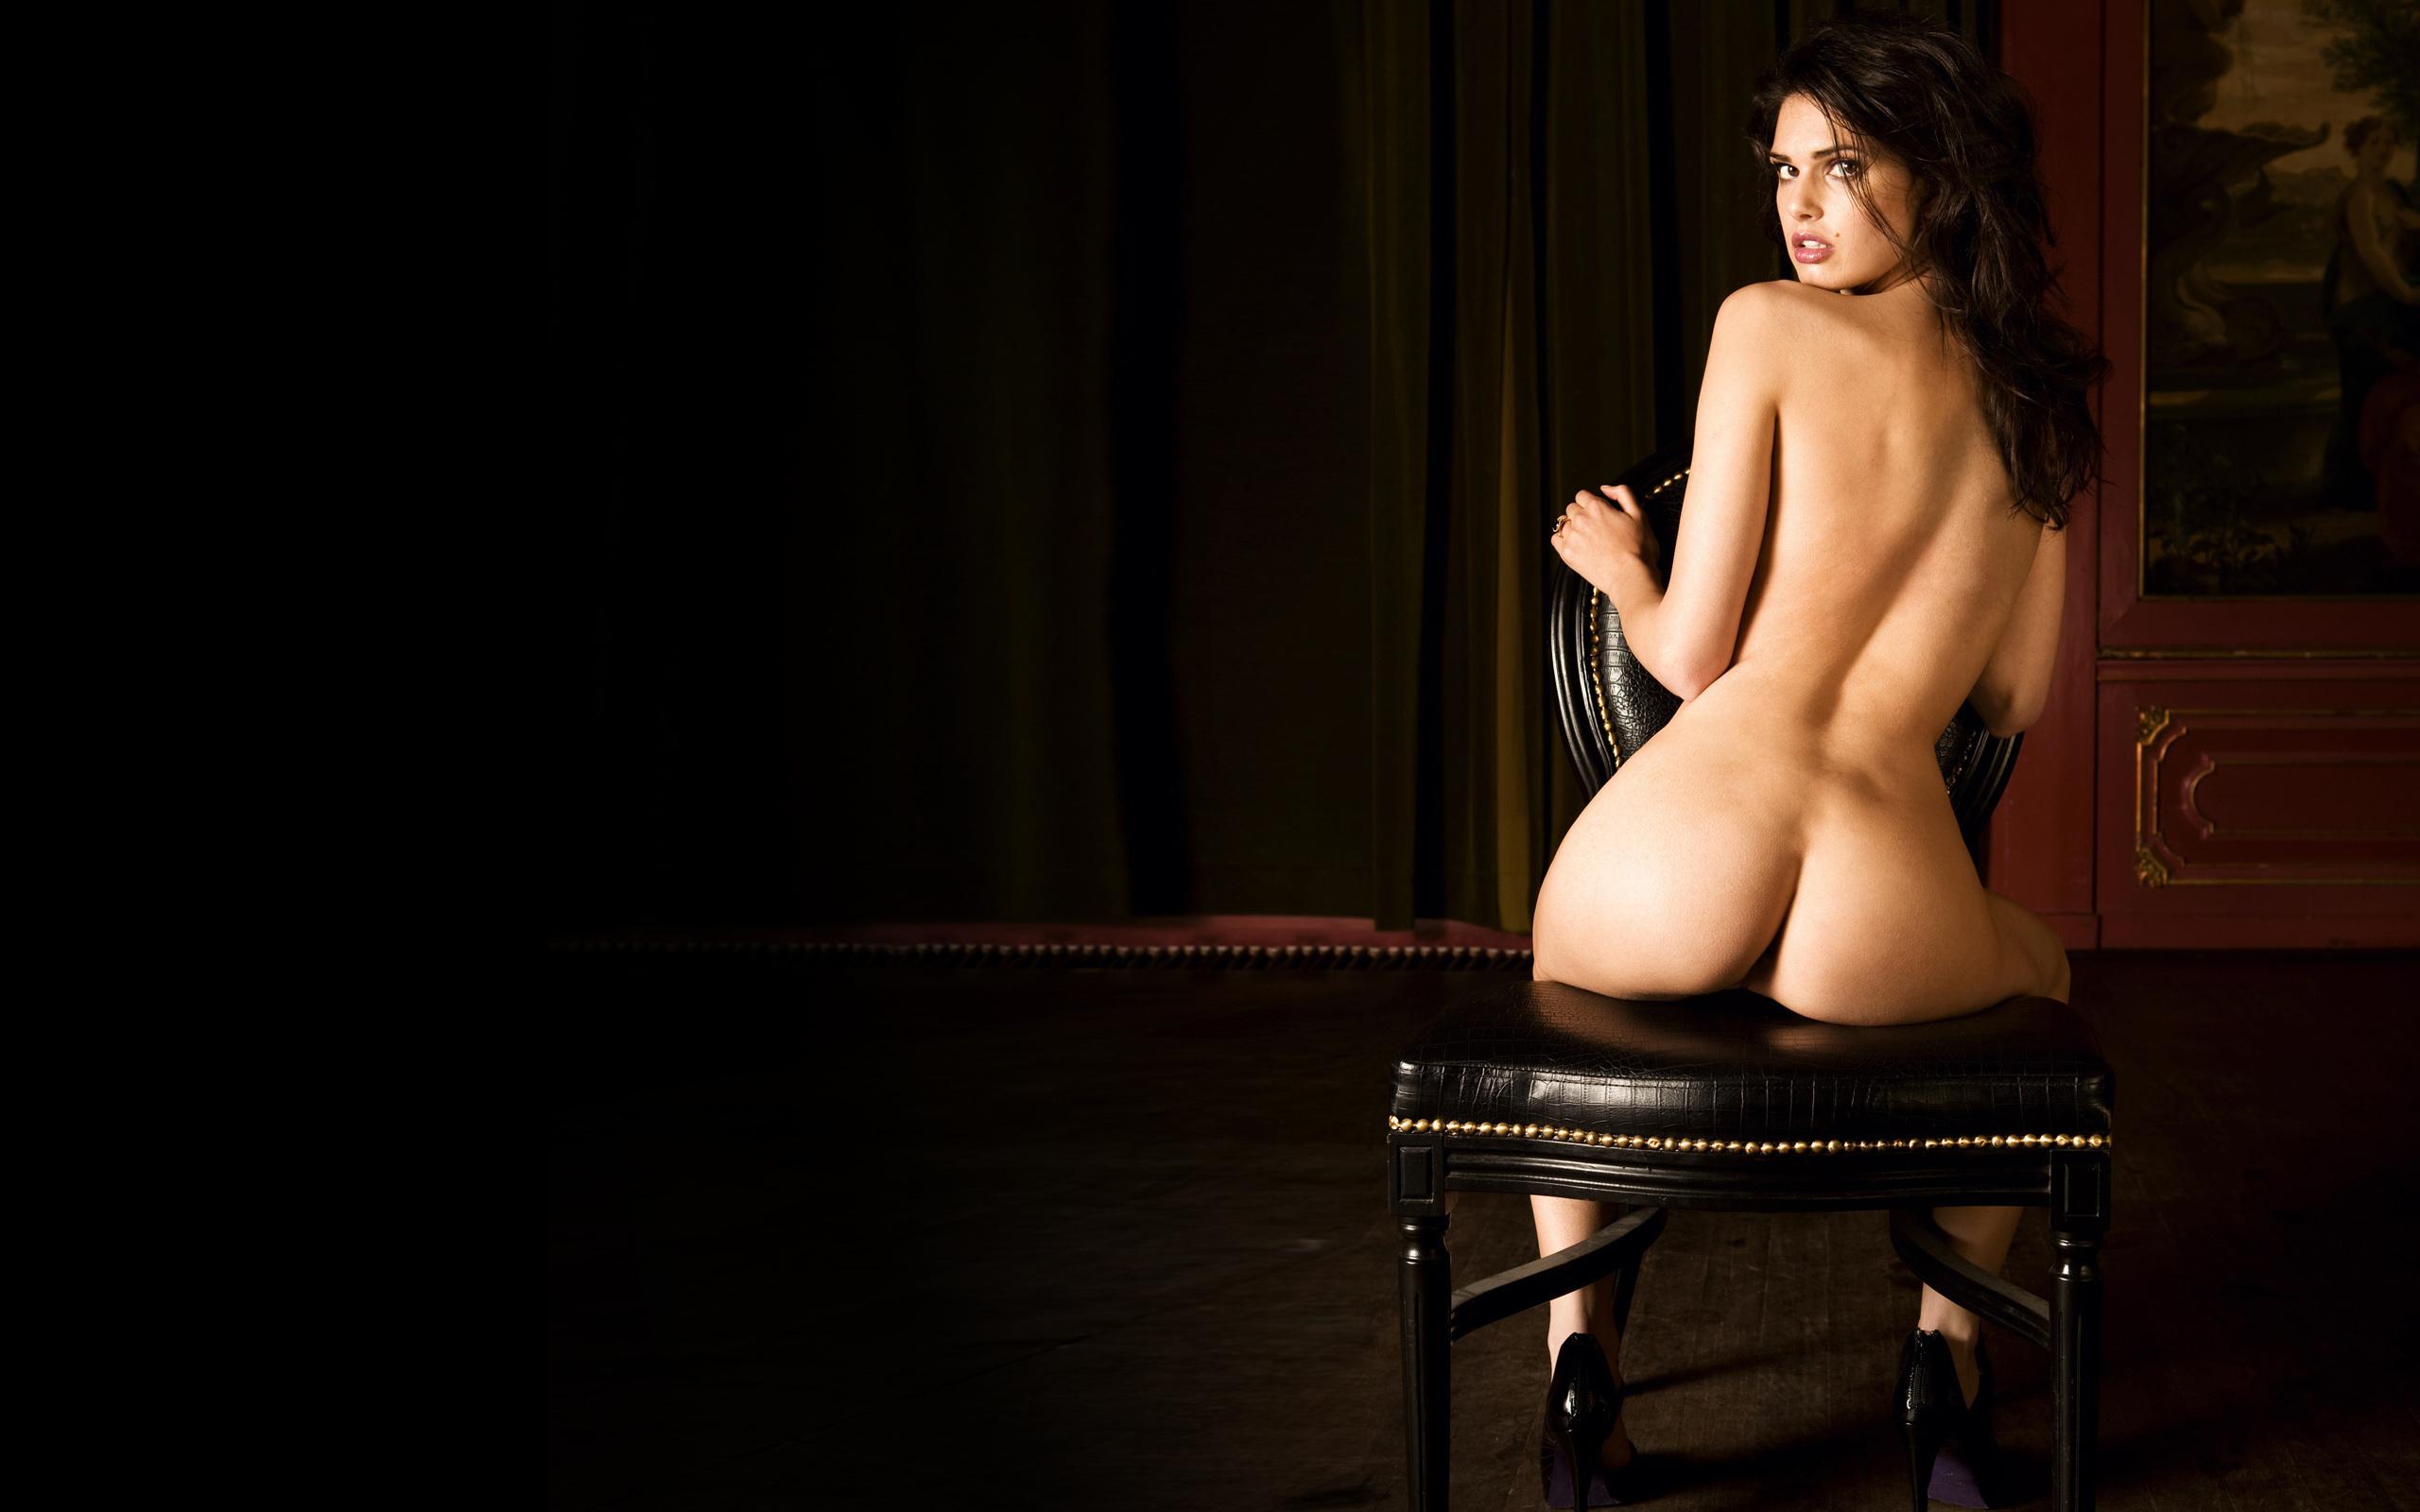 Фото сидящих обнаженных девушек эротика